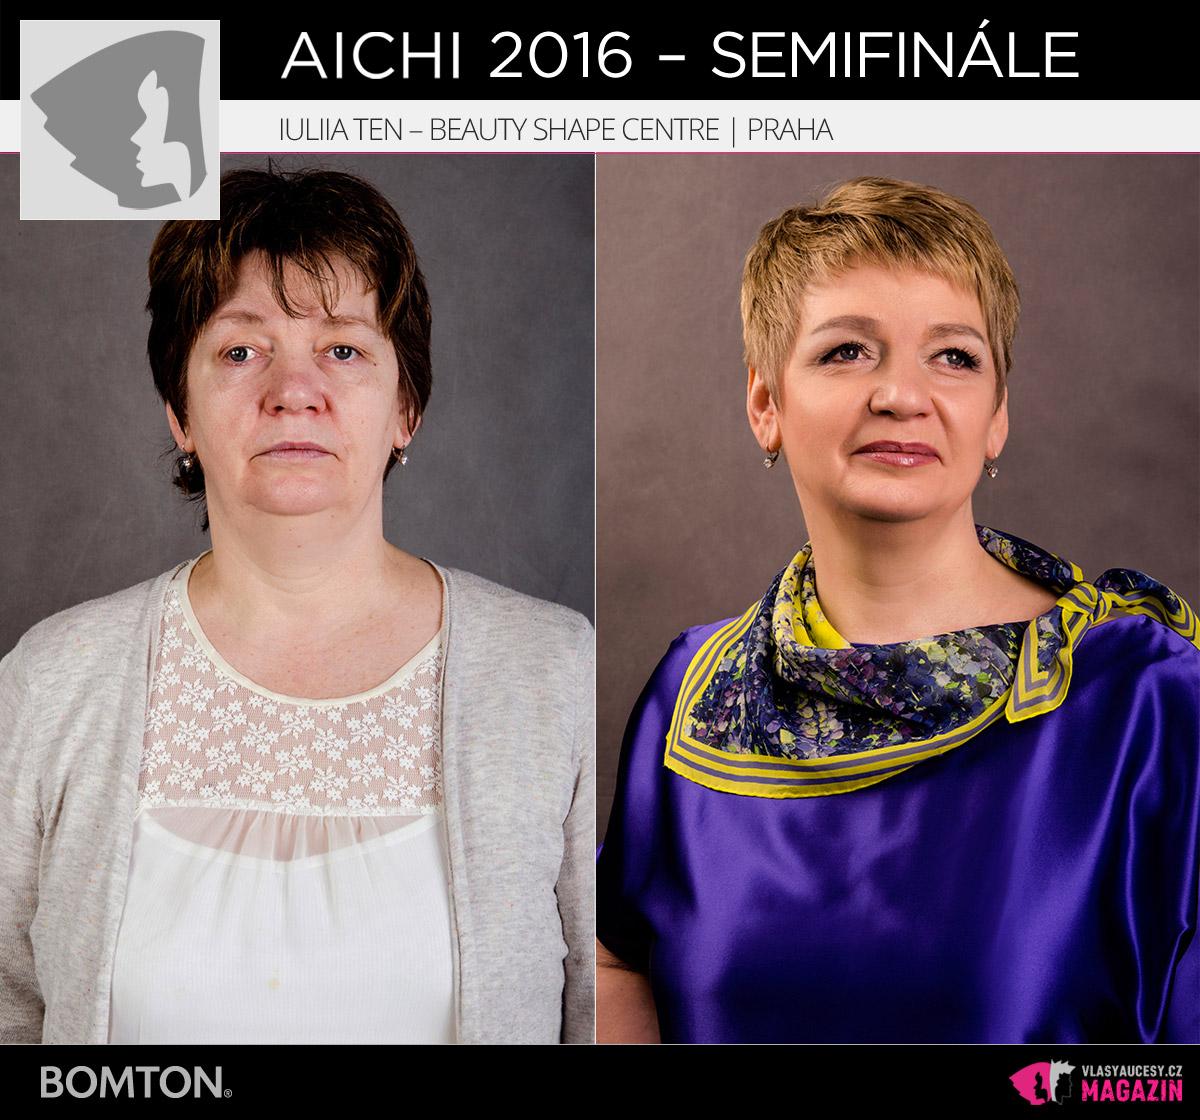 Iuliia Ten – Beauty Shape Centre, Praha | Proměny AICHI 2016 - postupující do semifinálového kola